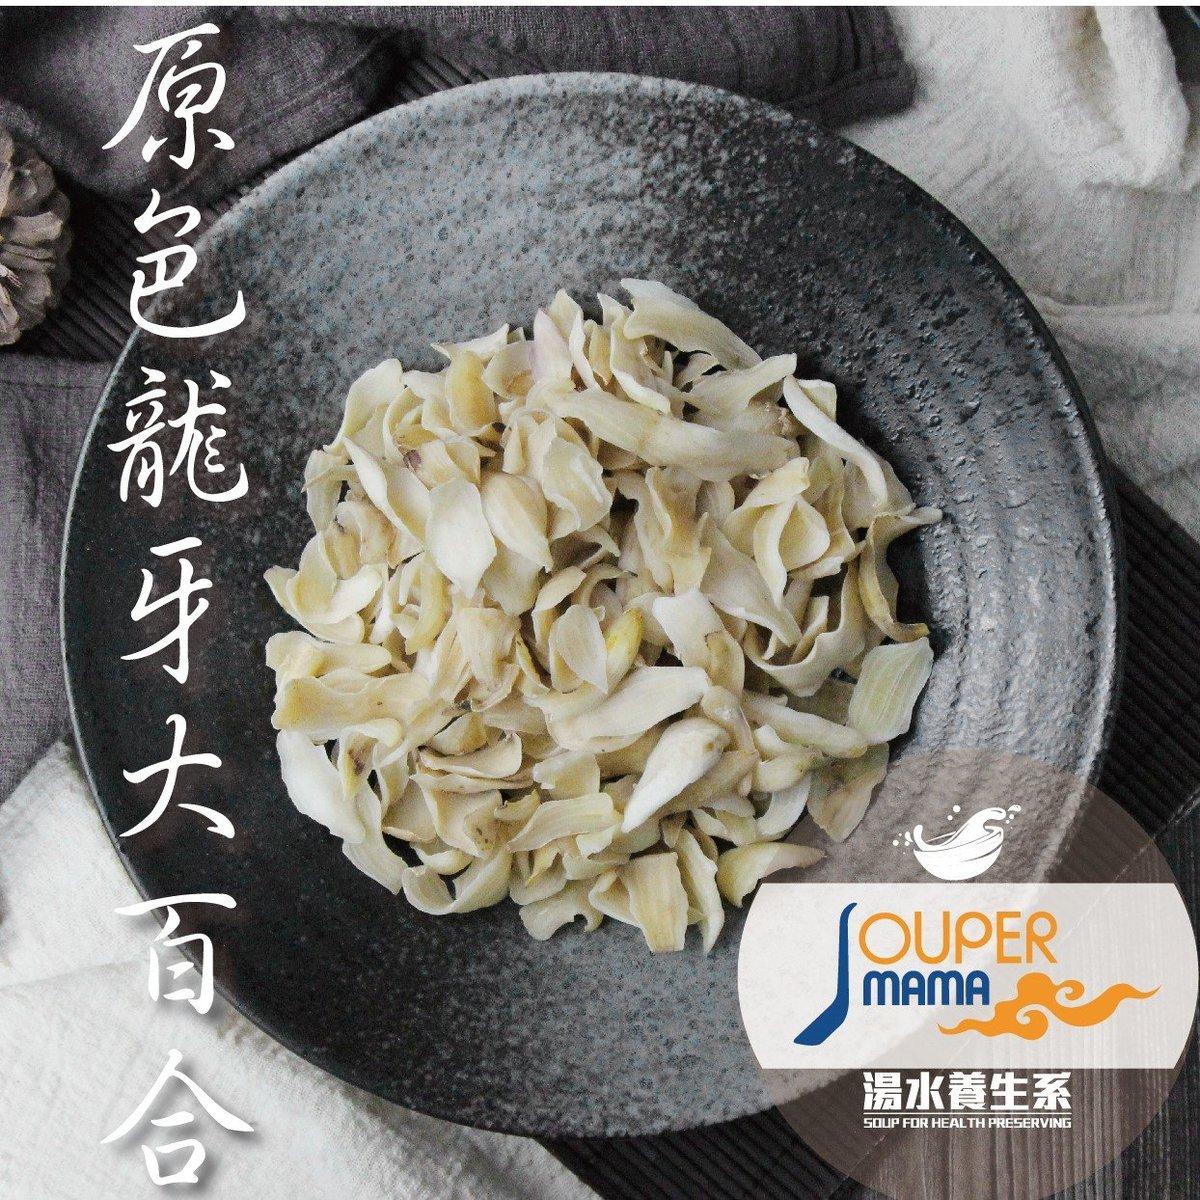 原色龍牙大百合 (140G)